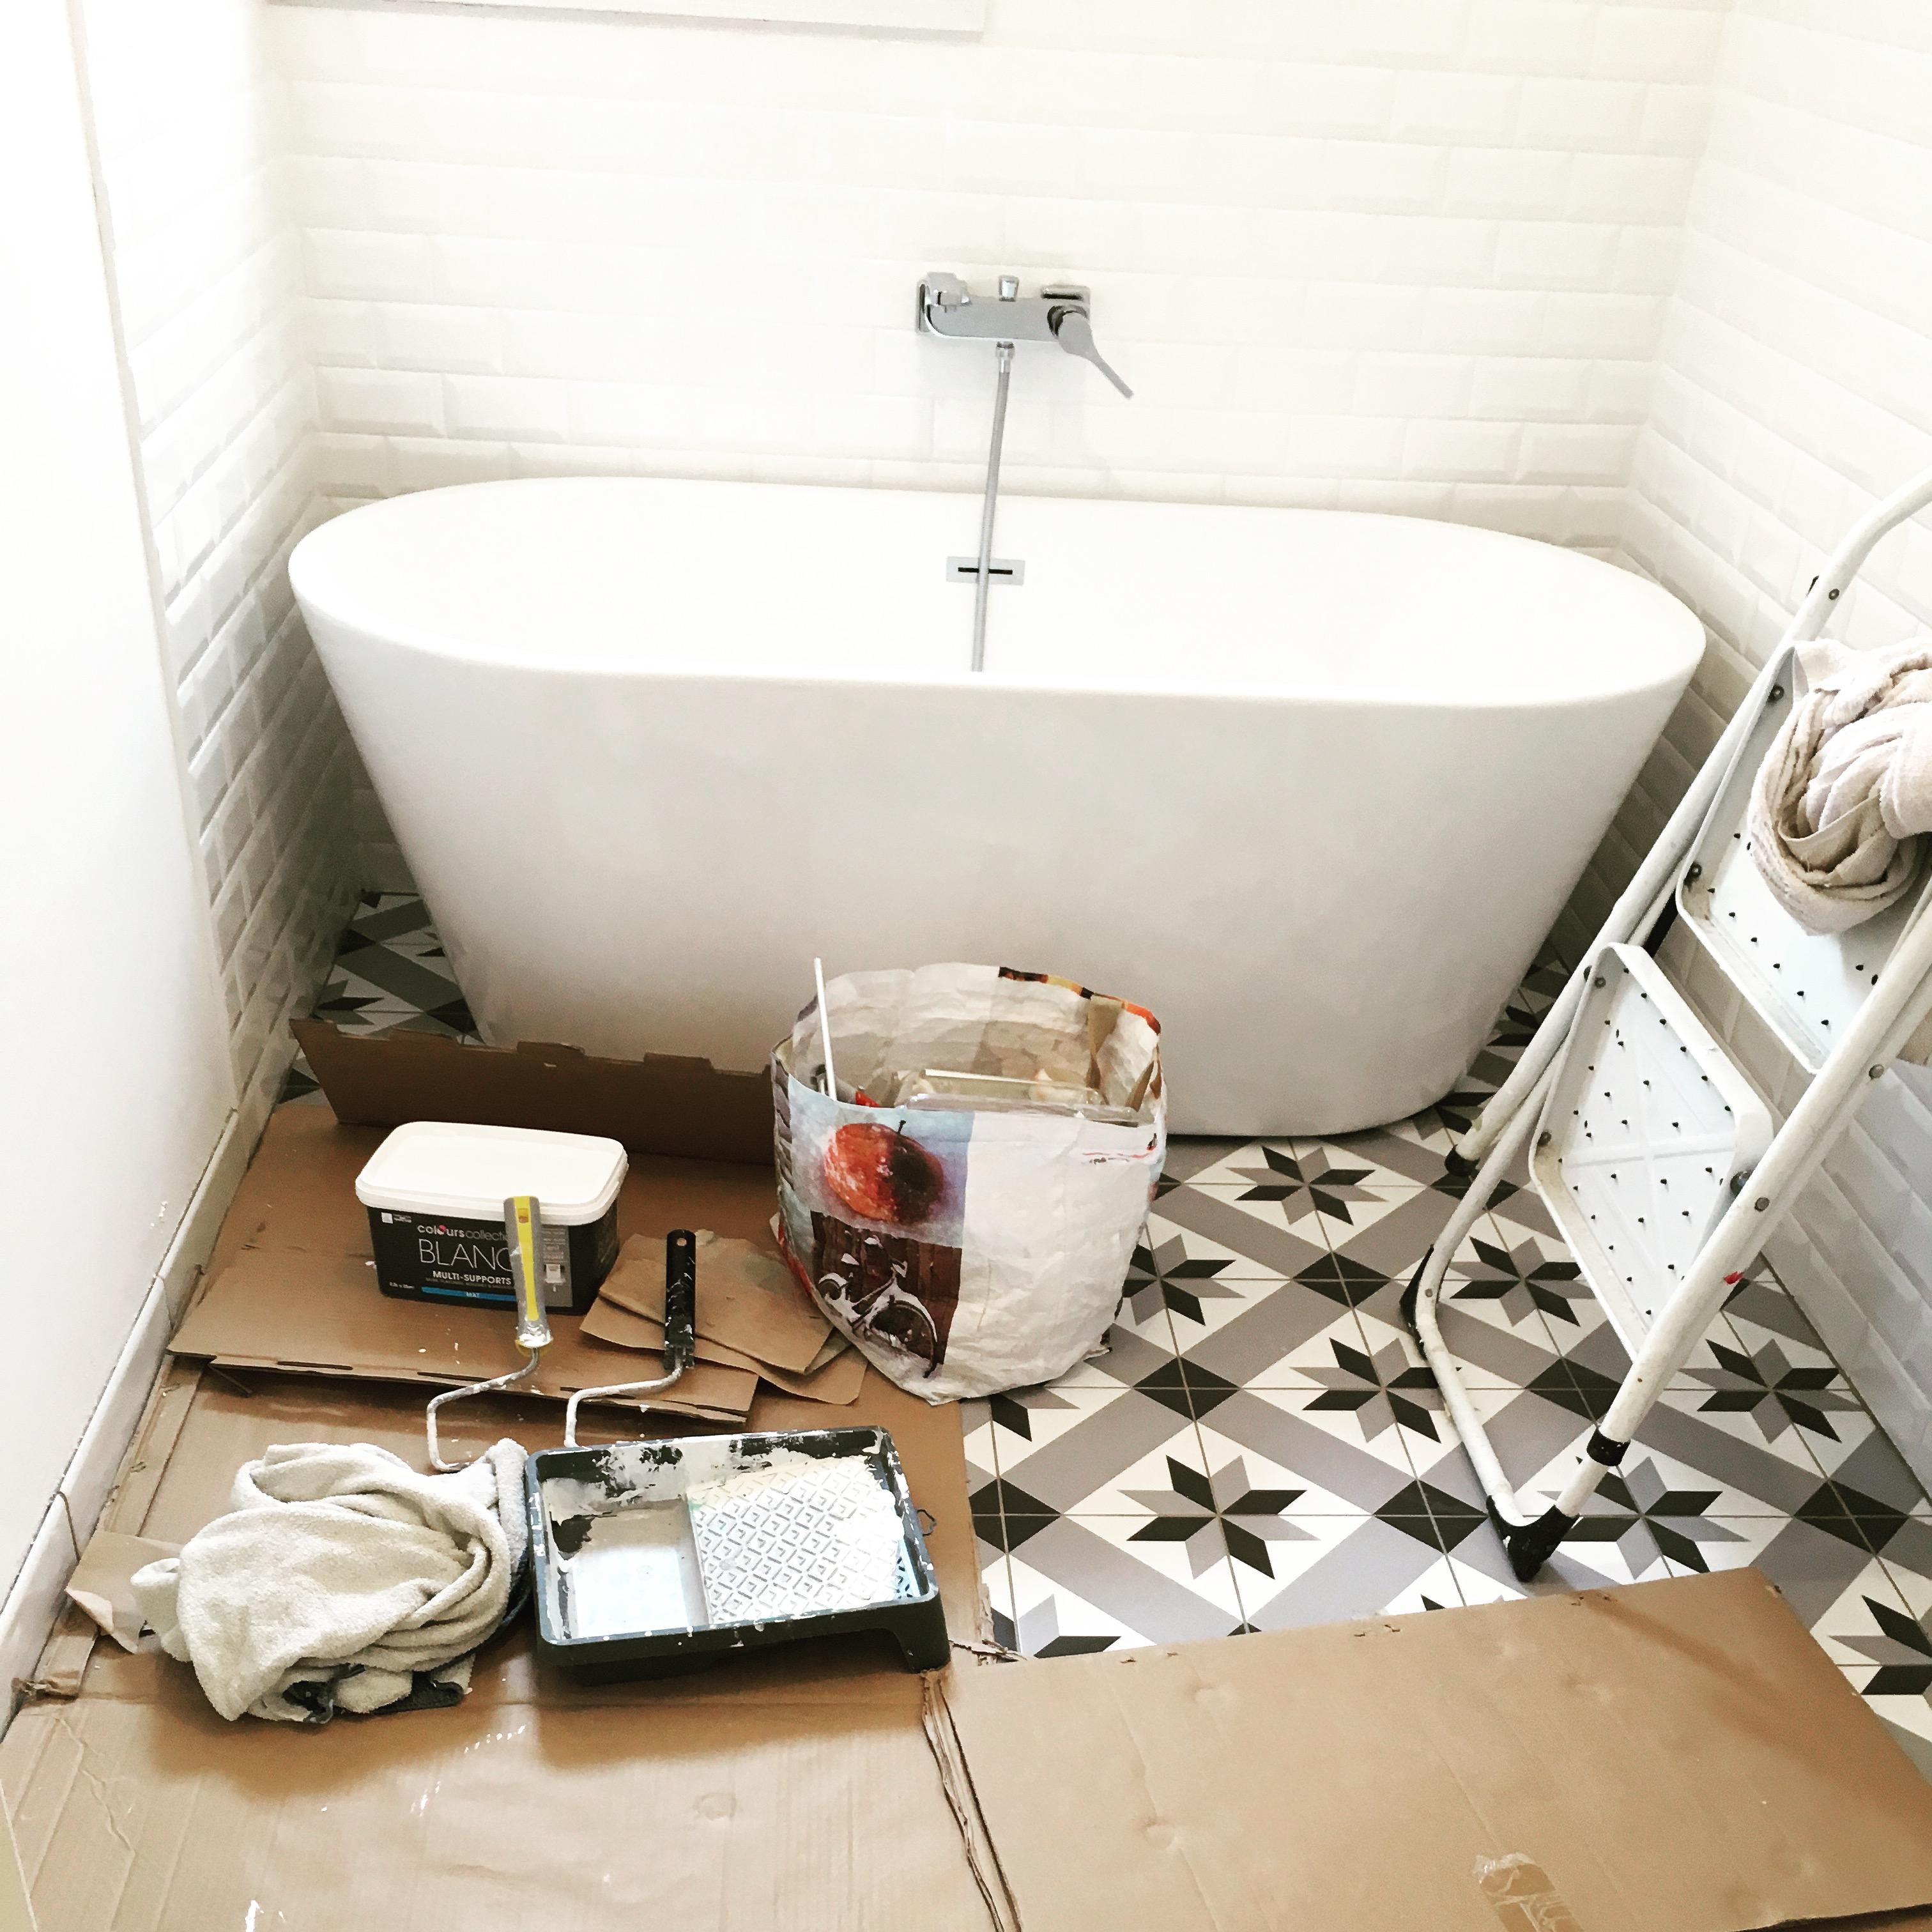 Deco Carreaux De Ciment Salle De Bain rendez-vous déco : la rénovation de la salle de bain avant